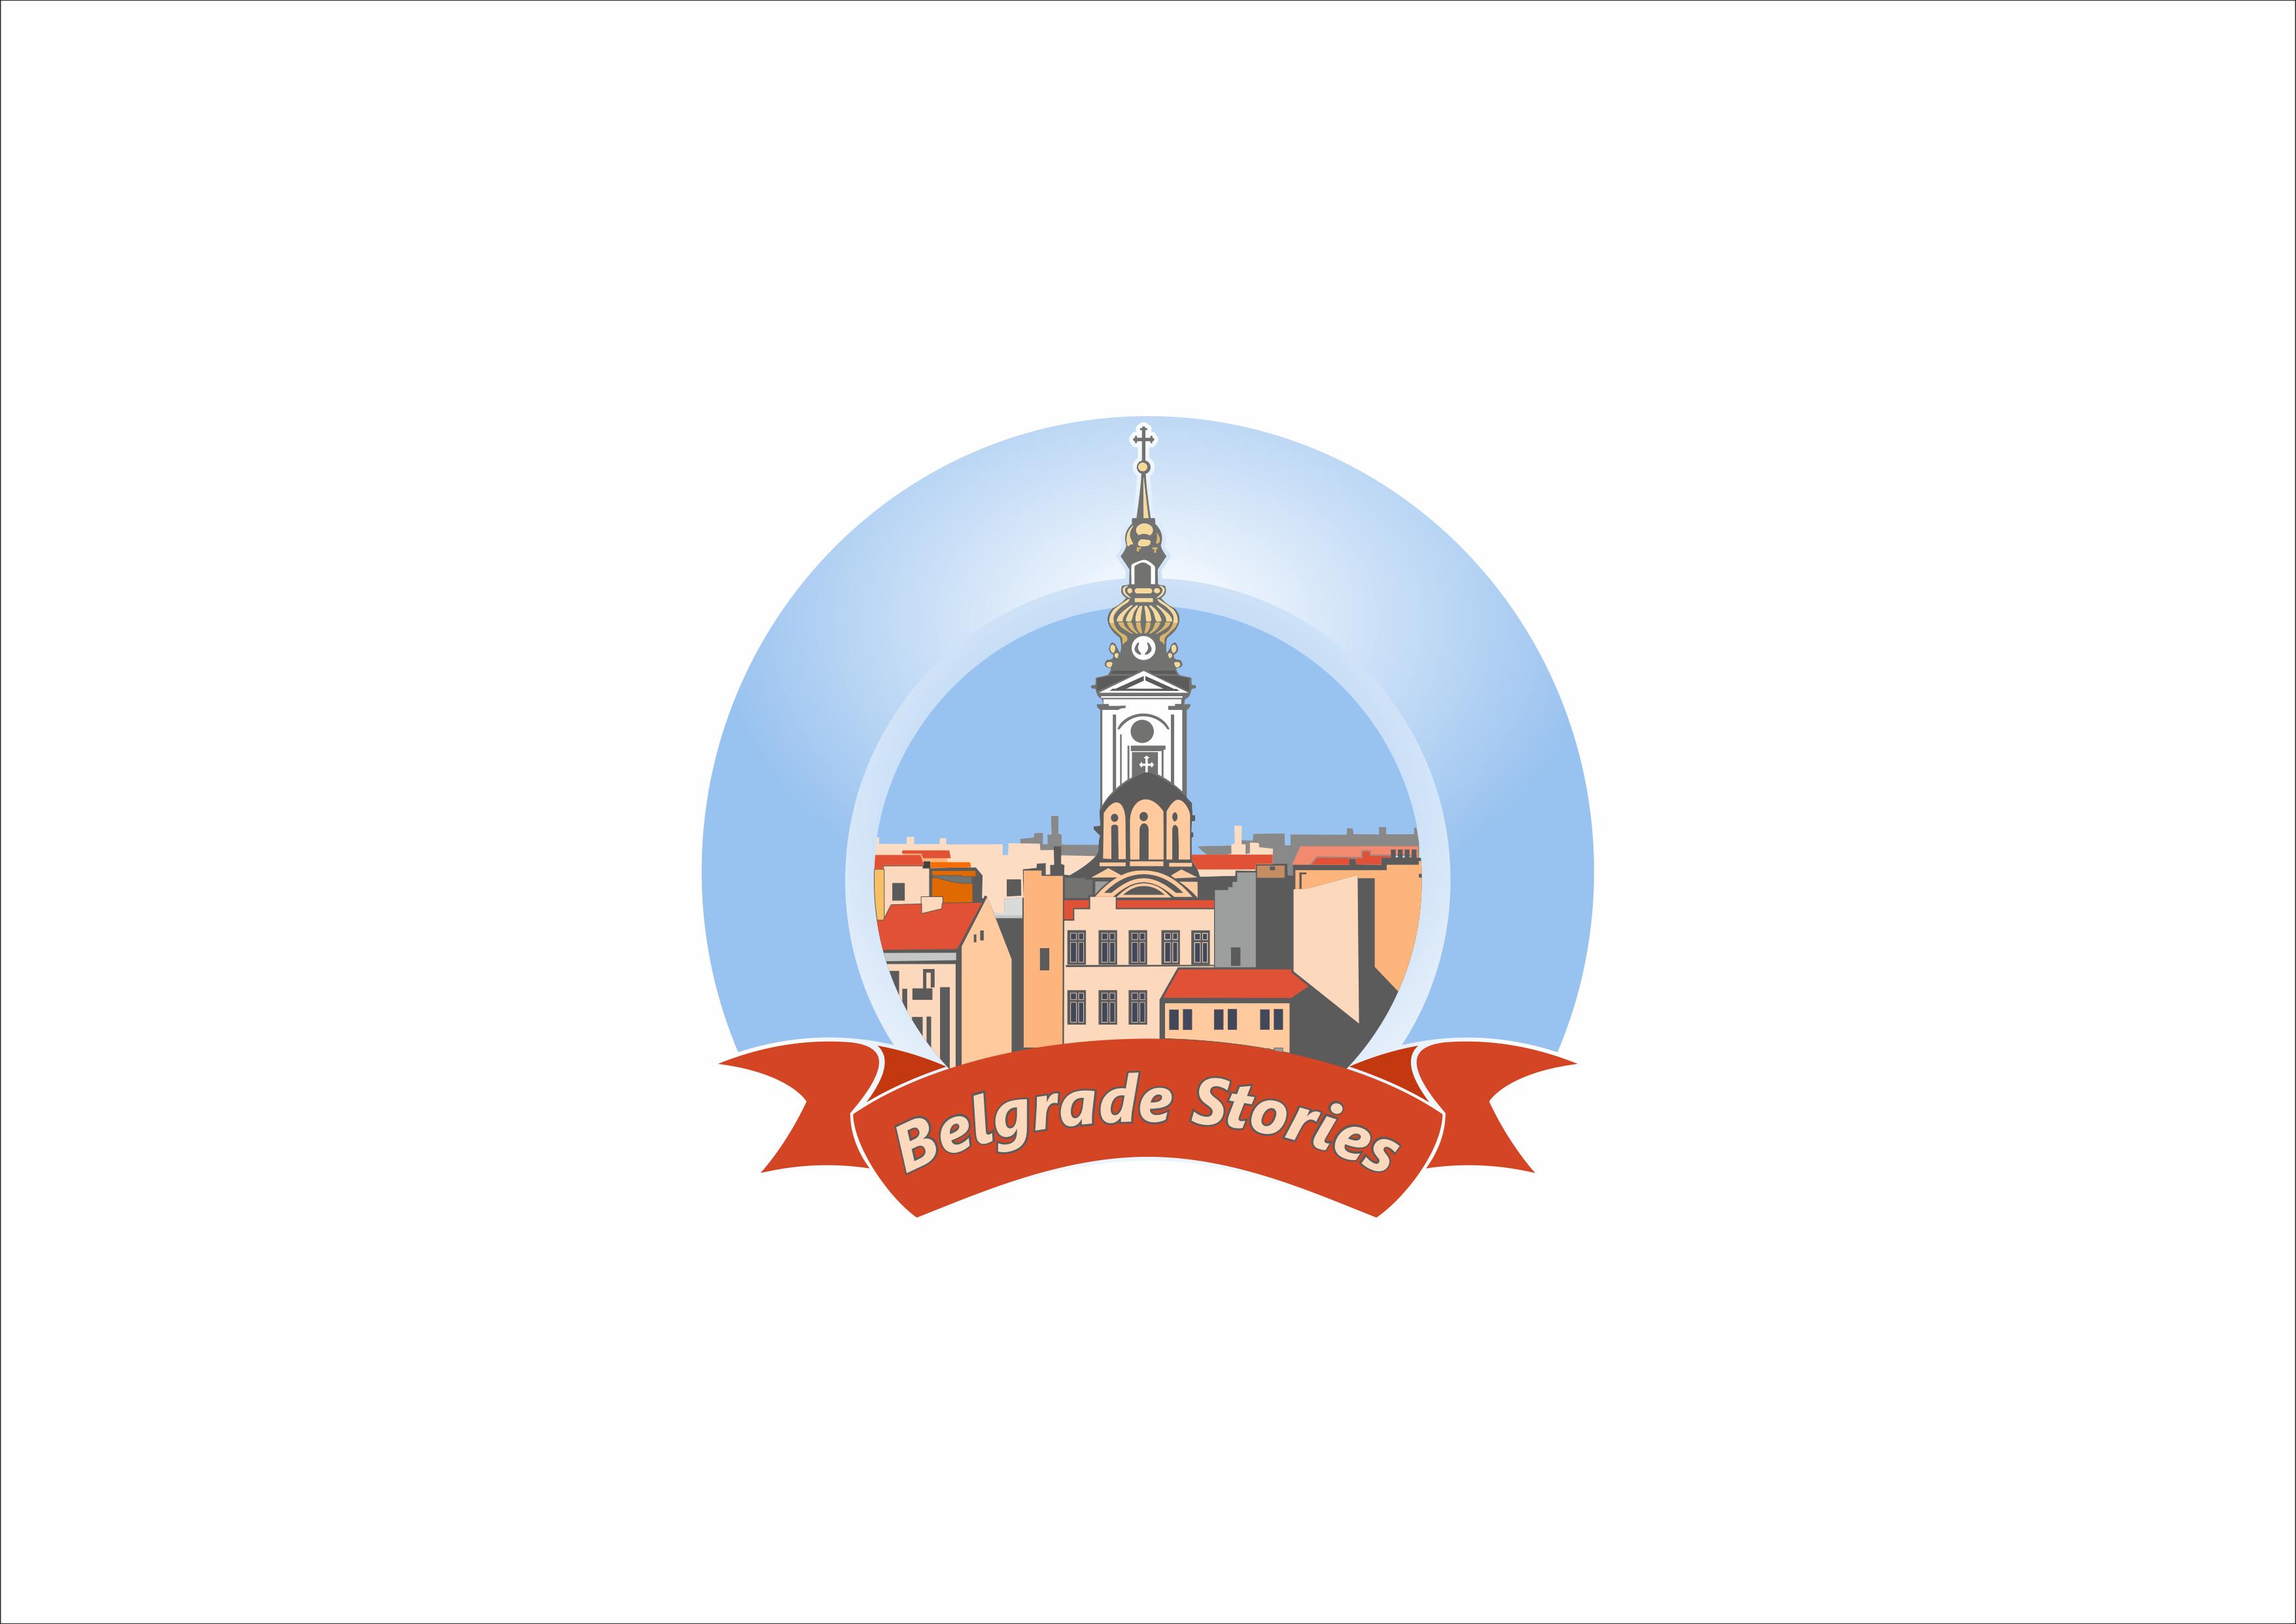 Логотип для агентства городских туров в Белграде фото f_293589c5f26a693d.png